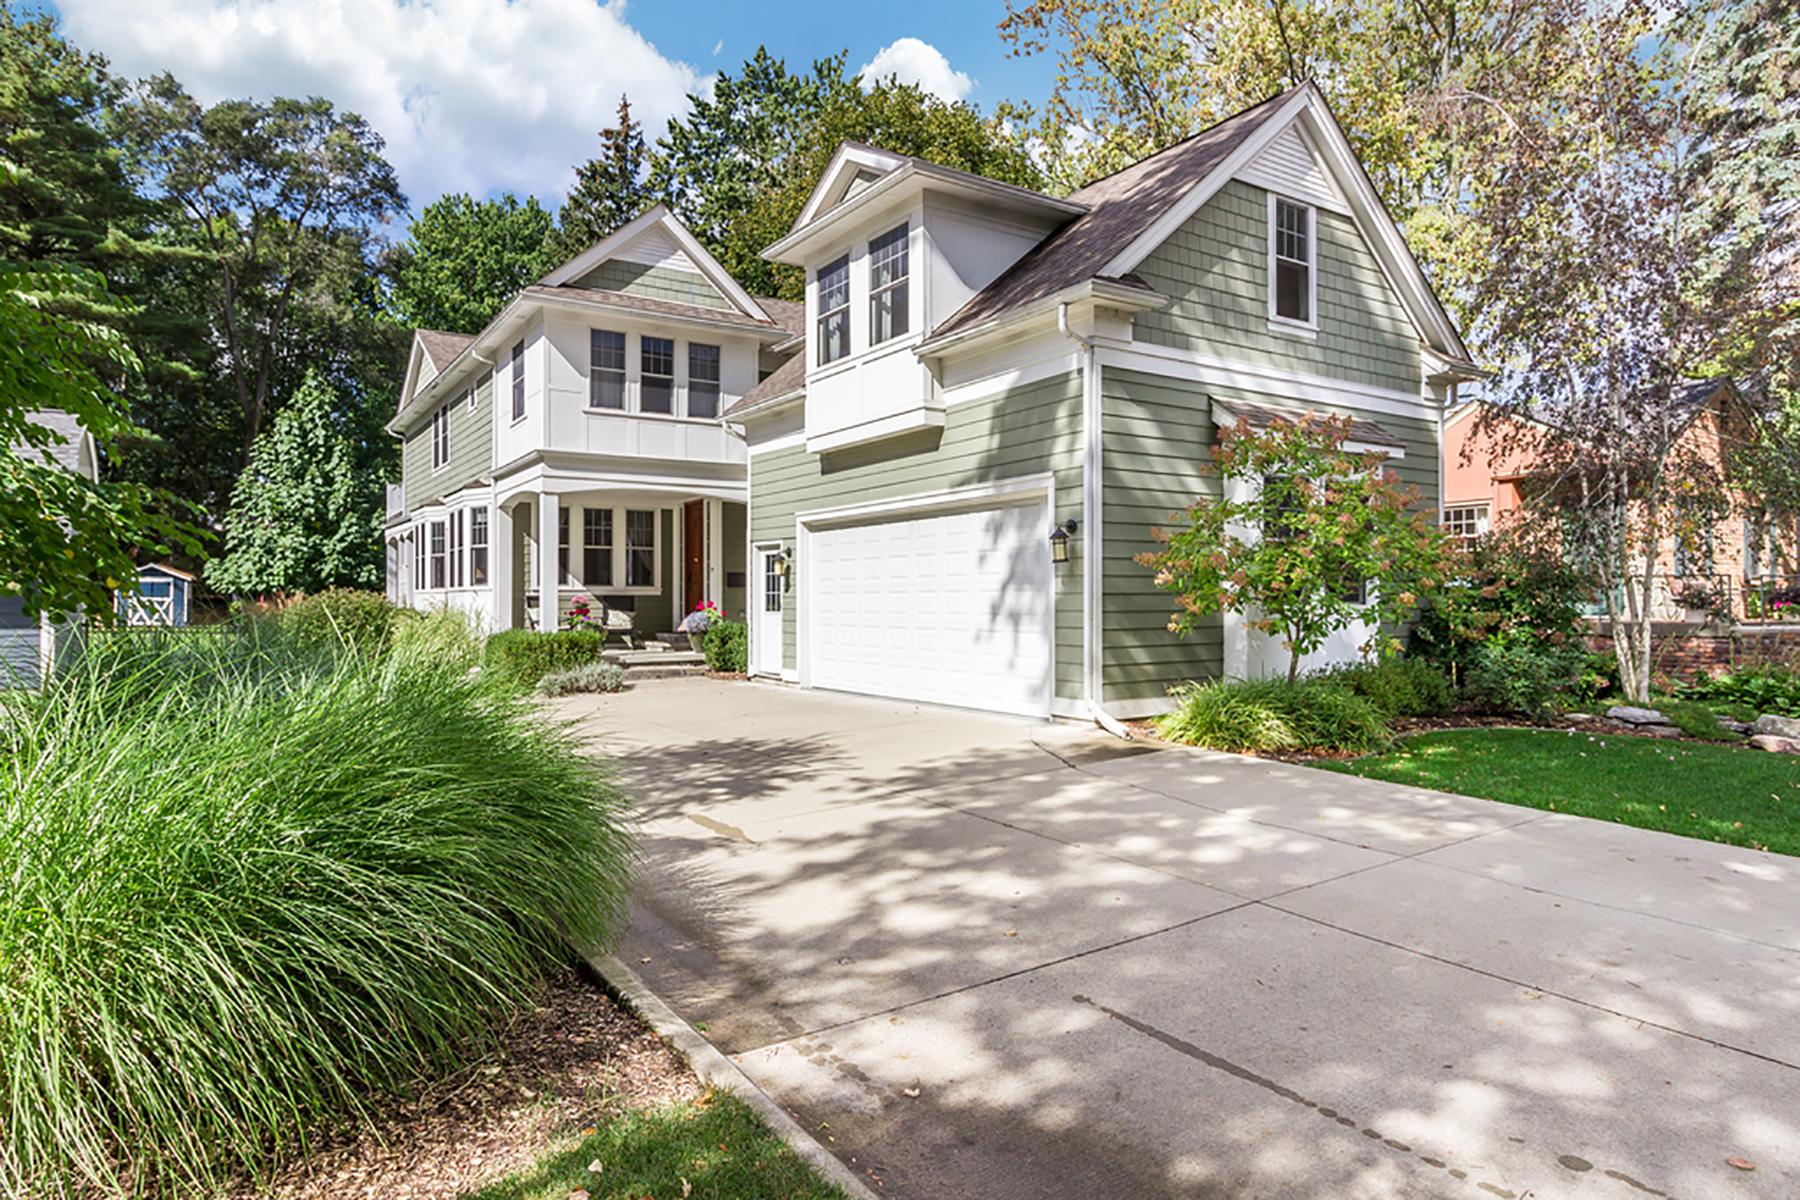 独户住宅 为 销售 在 Rochester 533 Wilcox Street, 罗契斯特市, 密歇根州, 48307 美国